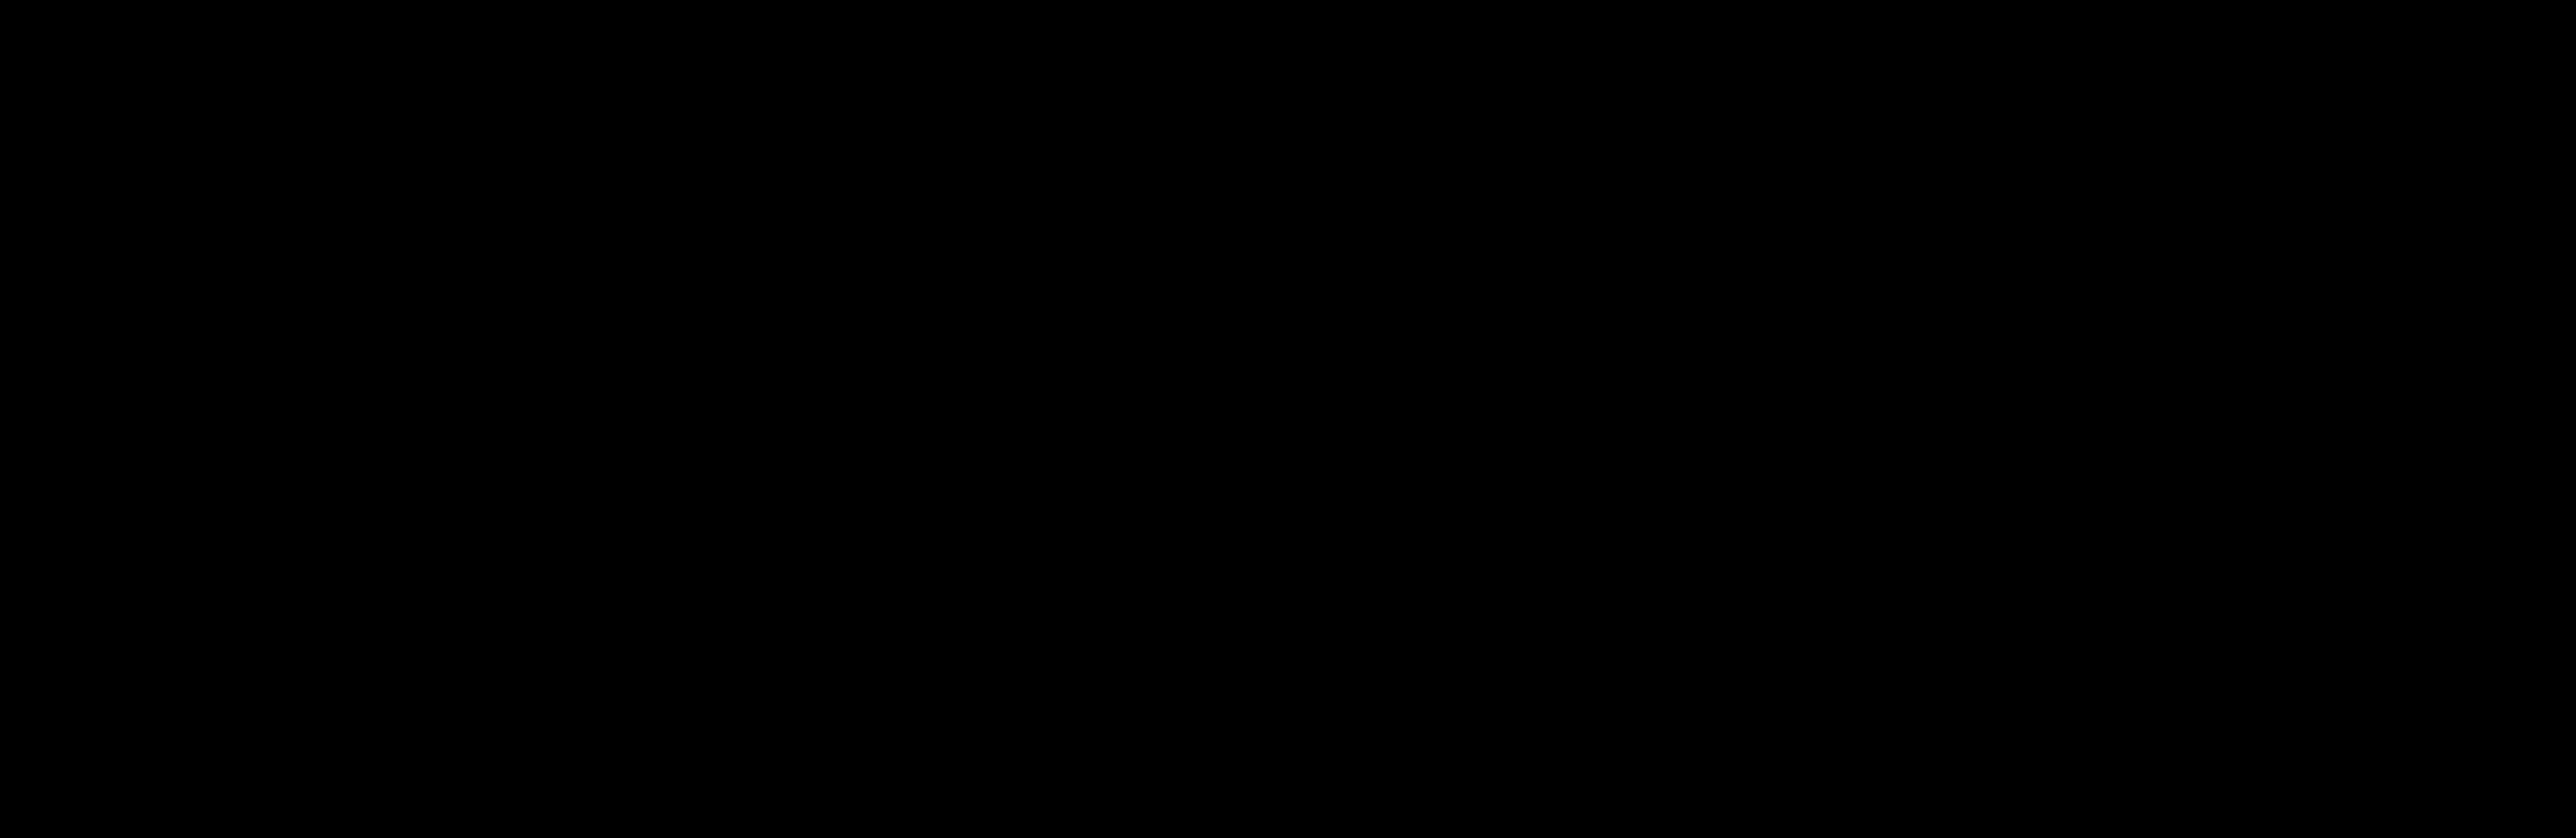 Med två givna sidor och en given vinkel enligt denna figur finns två möjliga trianglar enligt cosinussatsen